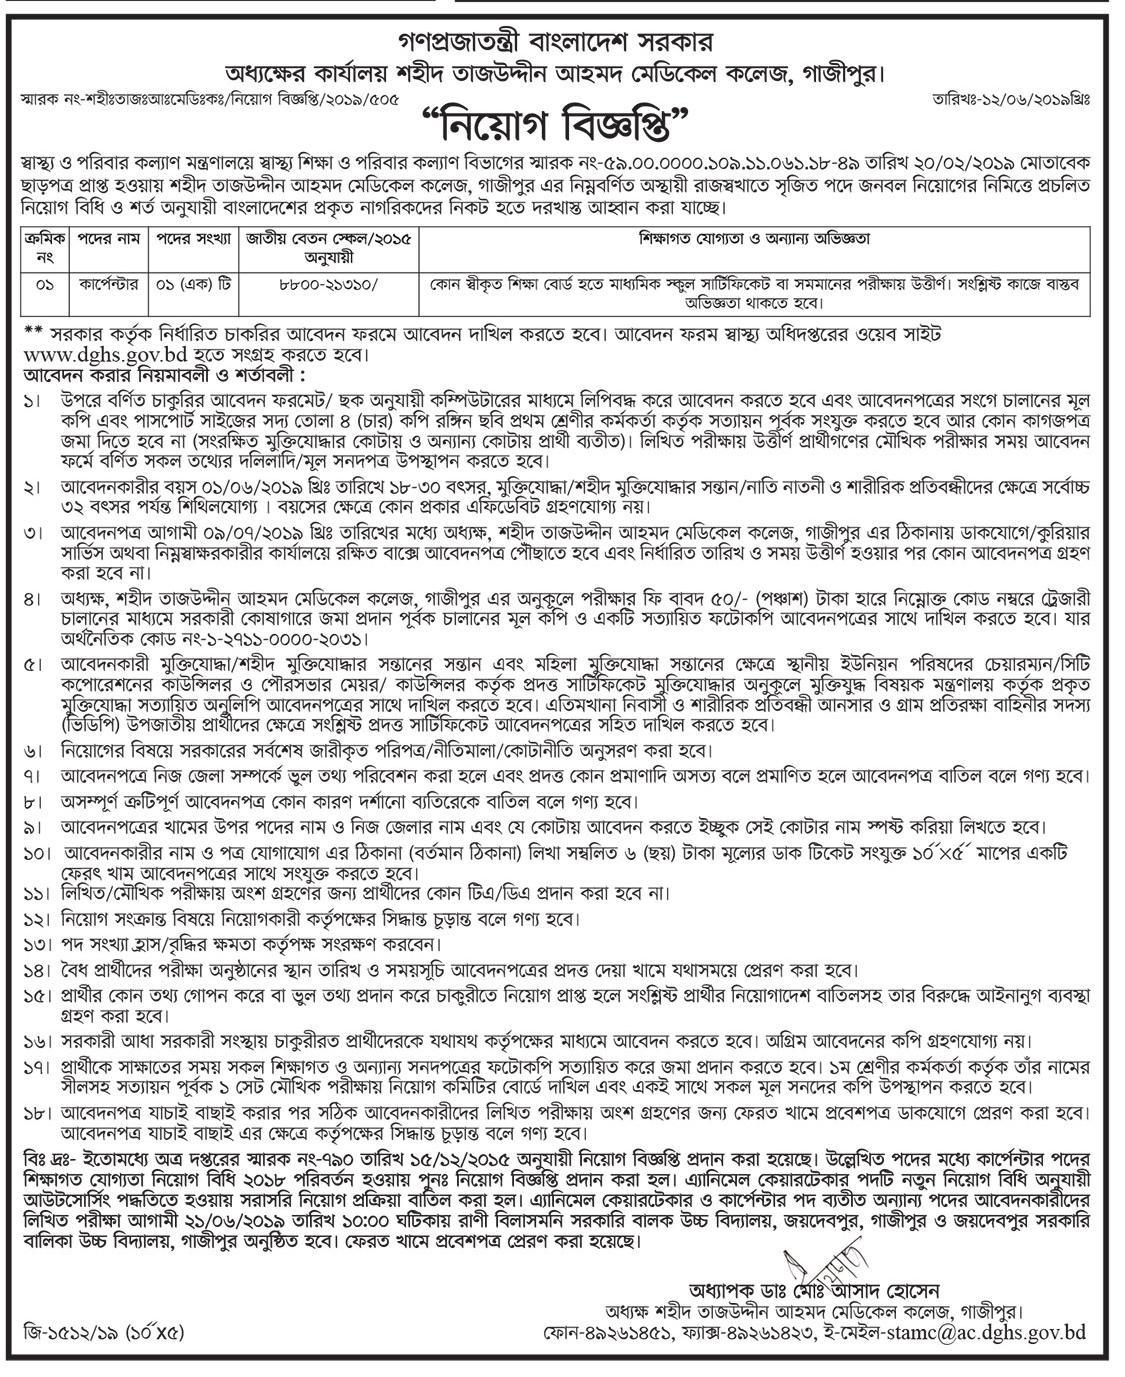 Directorate General Of Health Services (DGHS) Job Circular 2019